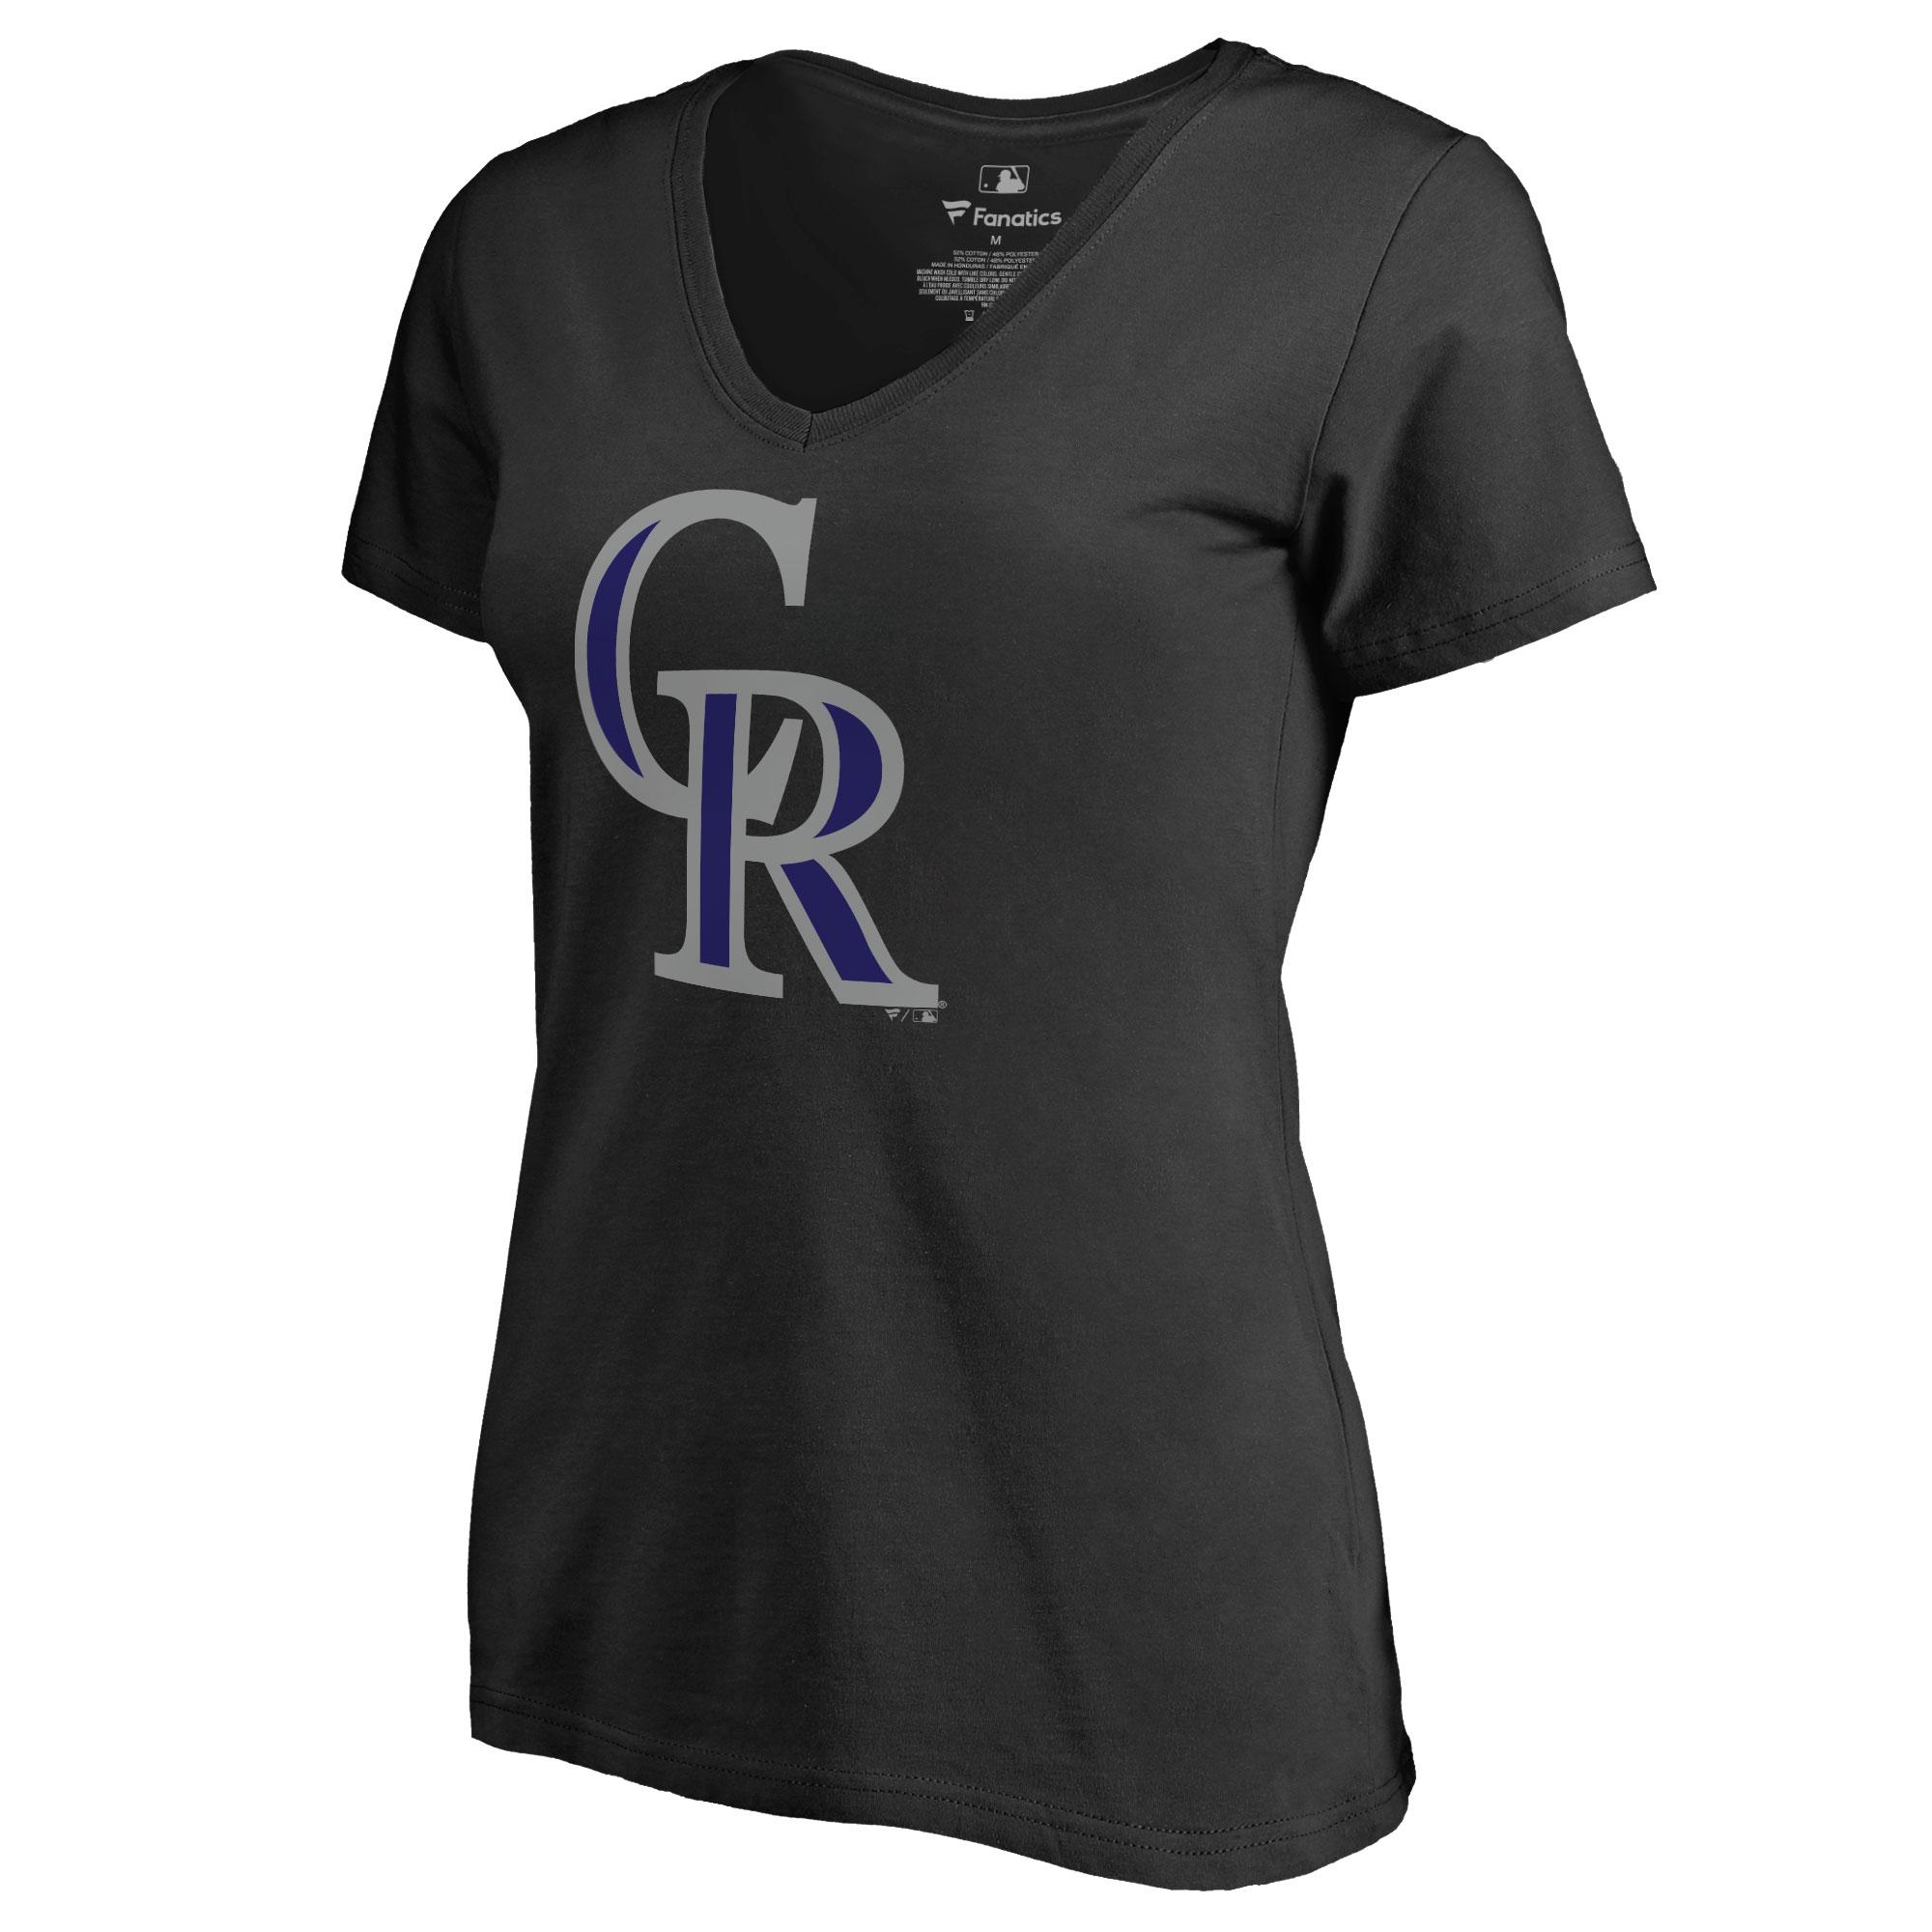 Colorado Rockies Women's Team Color Primary Logo V-Neck T-Shirt - Black